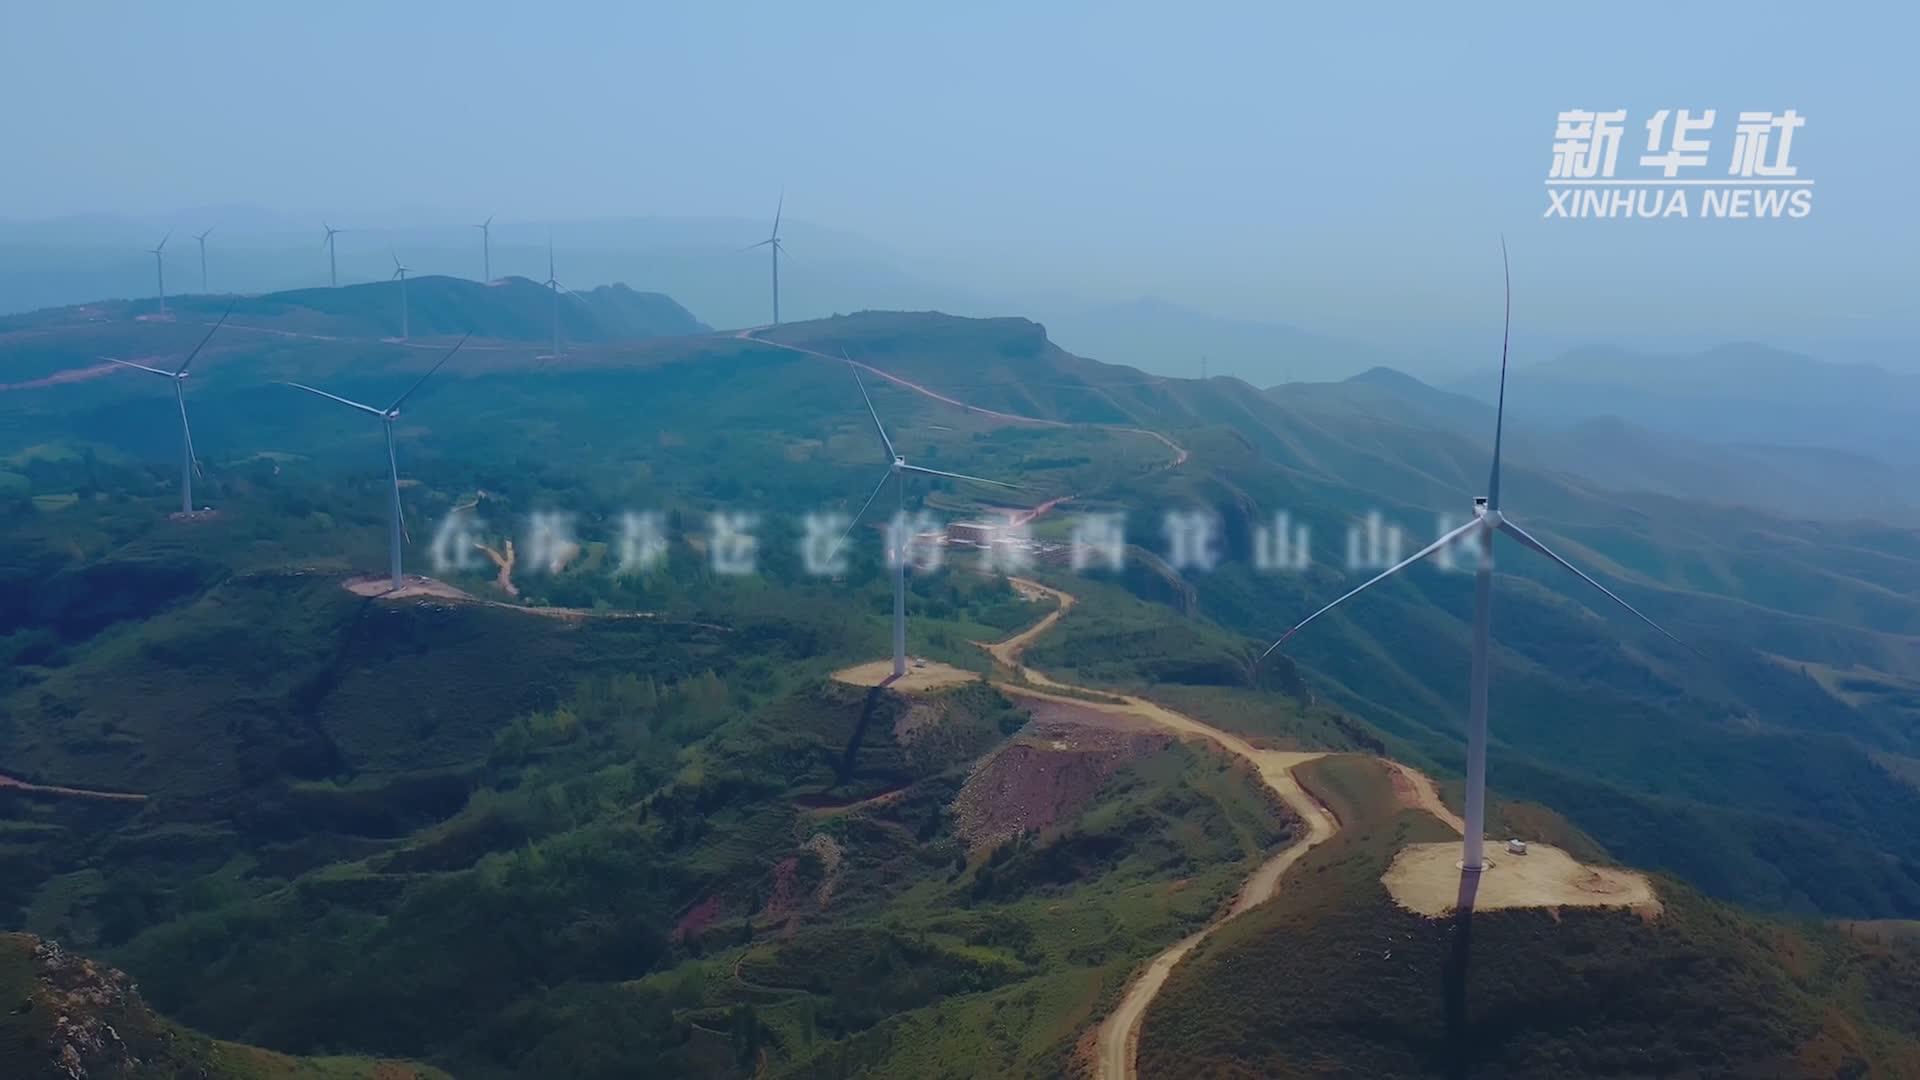 千城胜景 河南汝州:航拍大峪古山寨